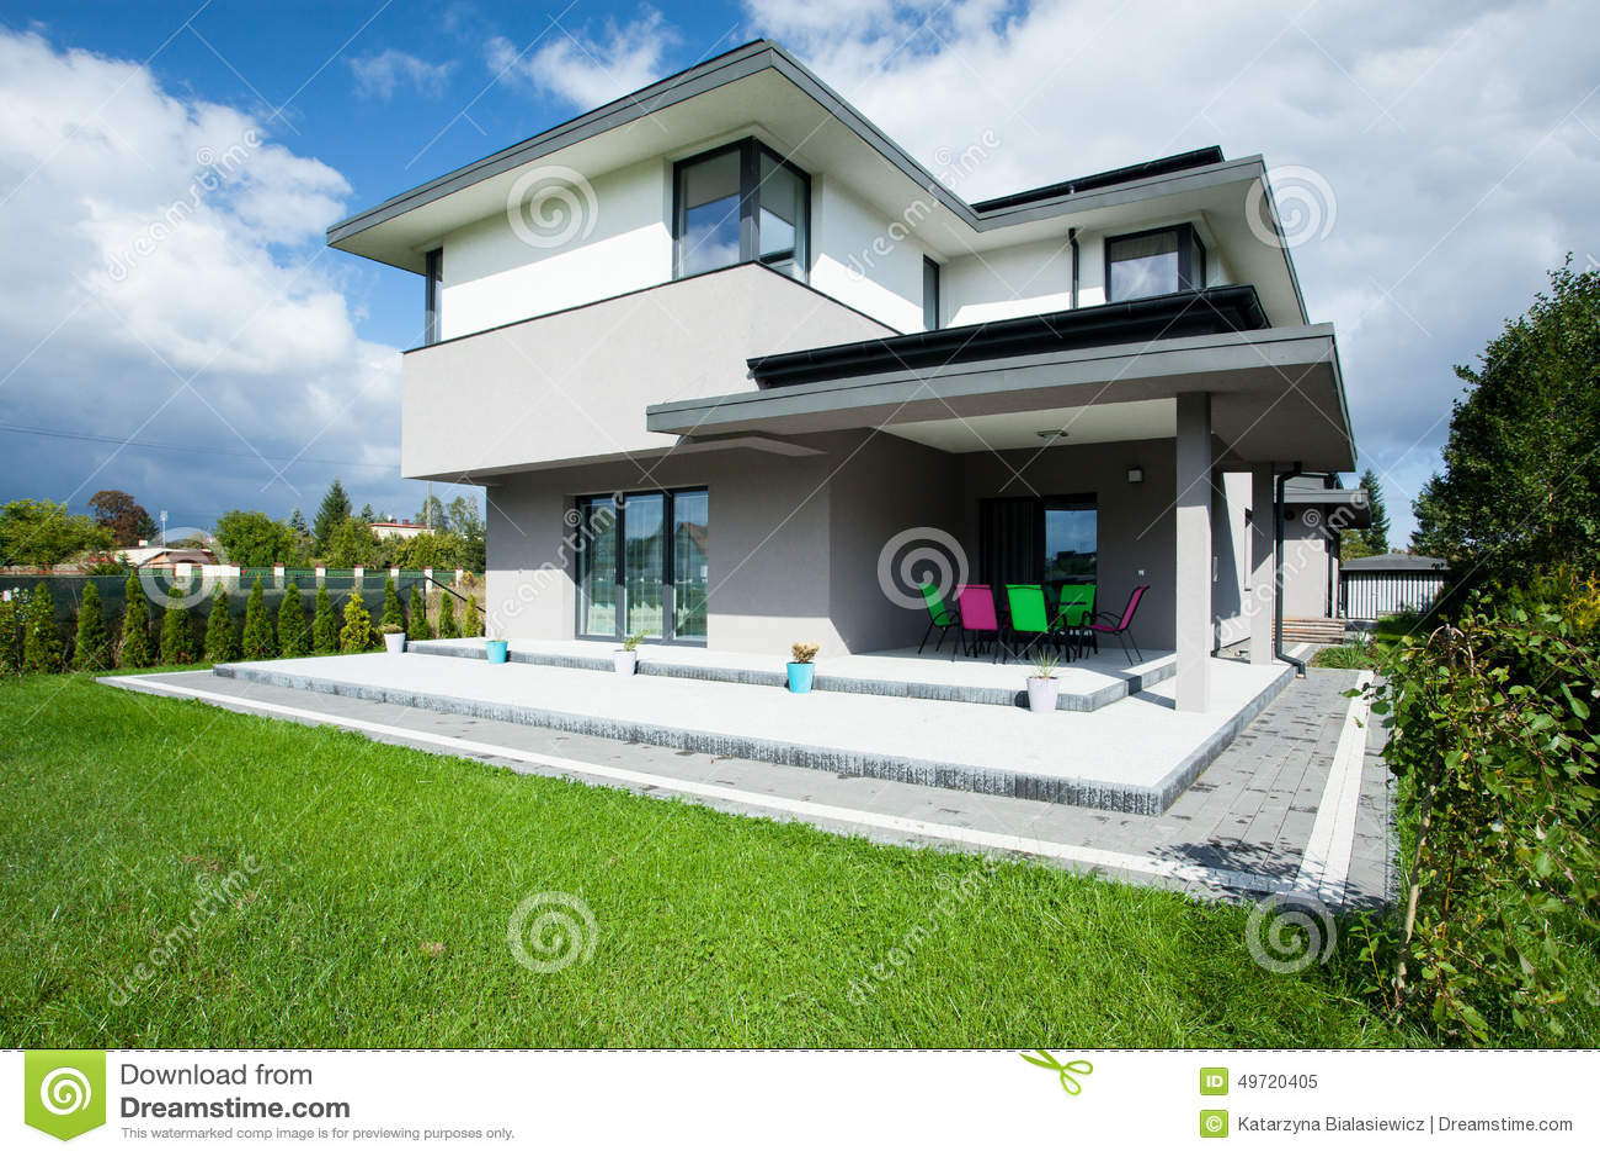 Huis met portiek